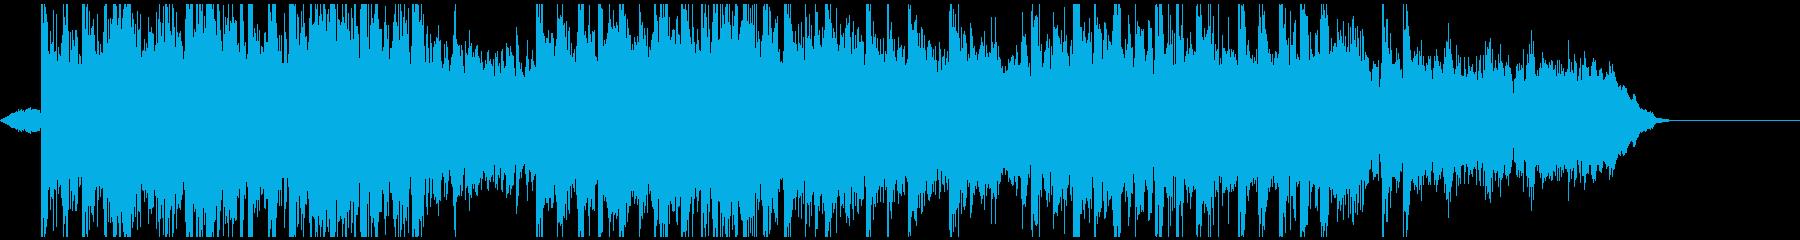 ほのぼのした和と洋のヒーリングの再生済みの波形